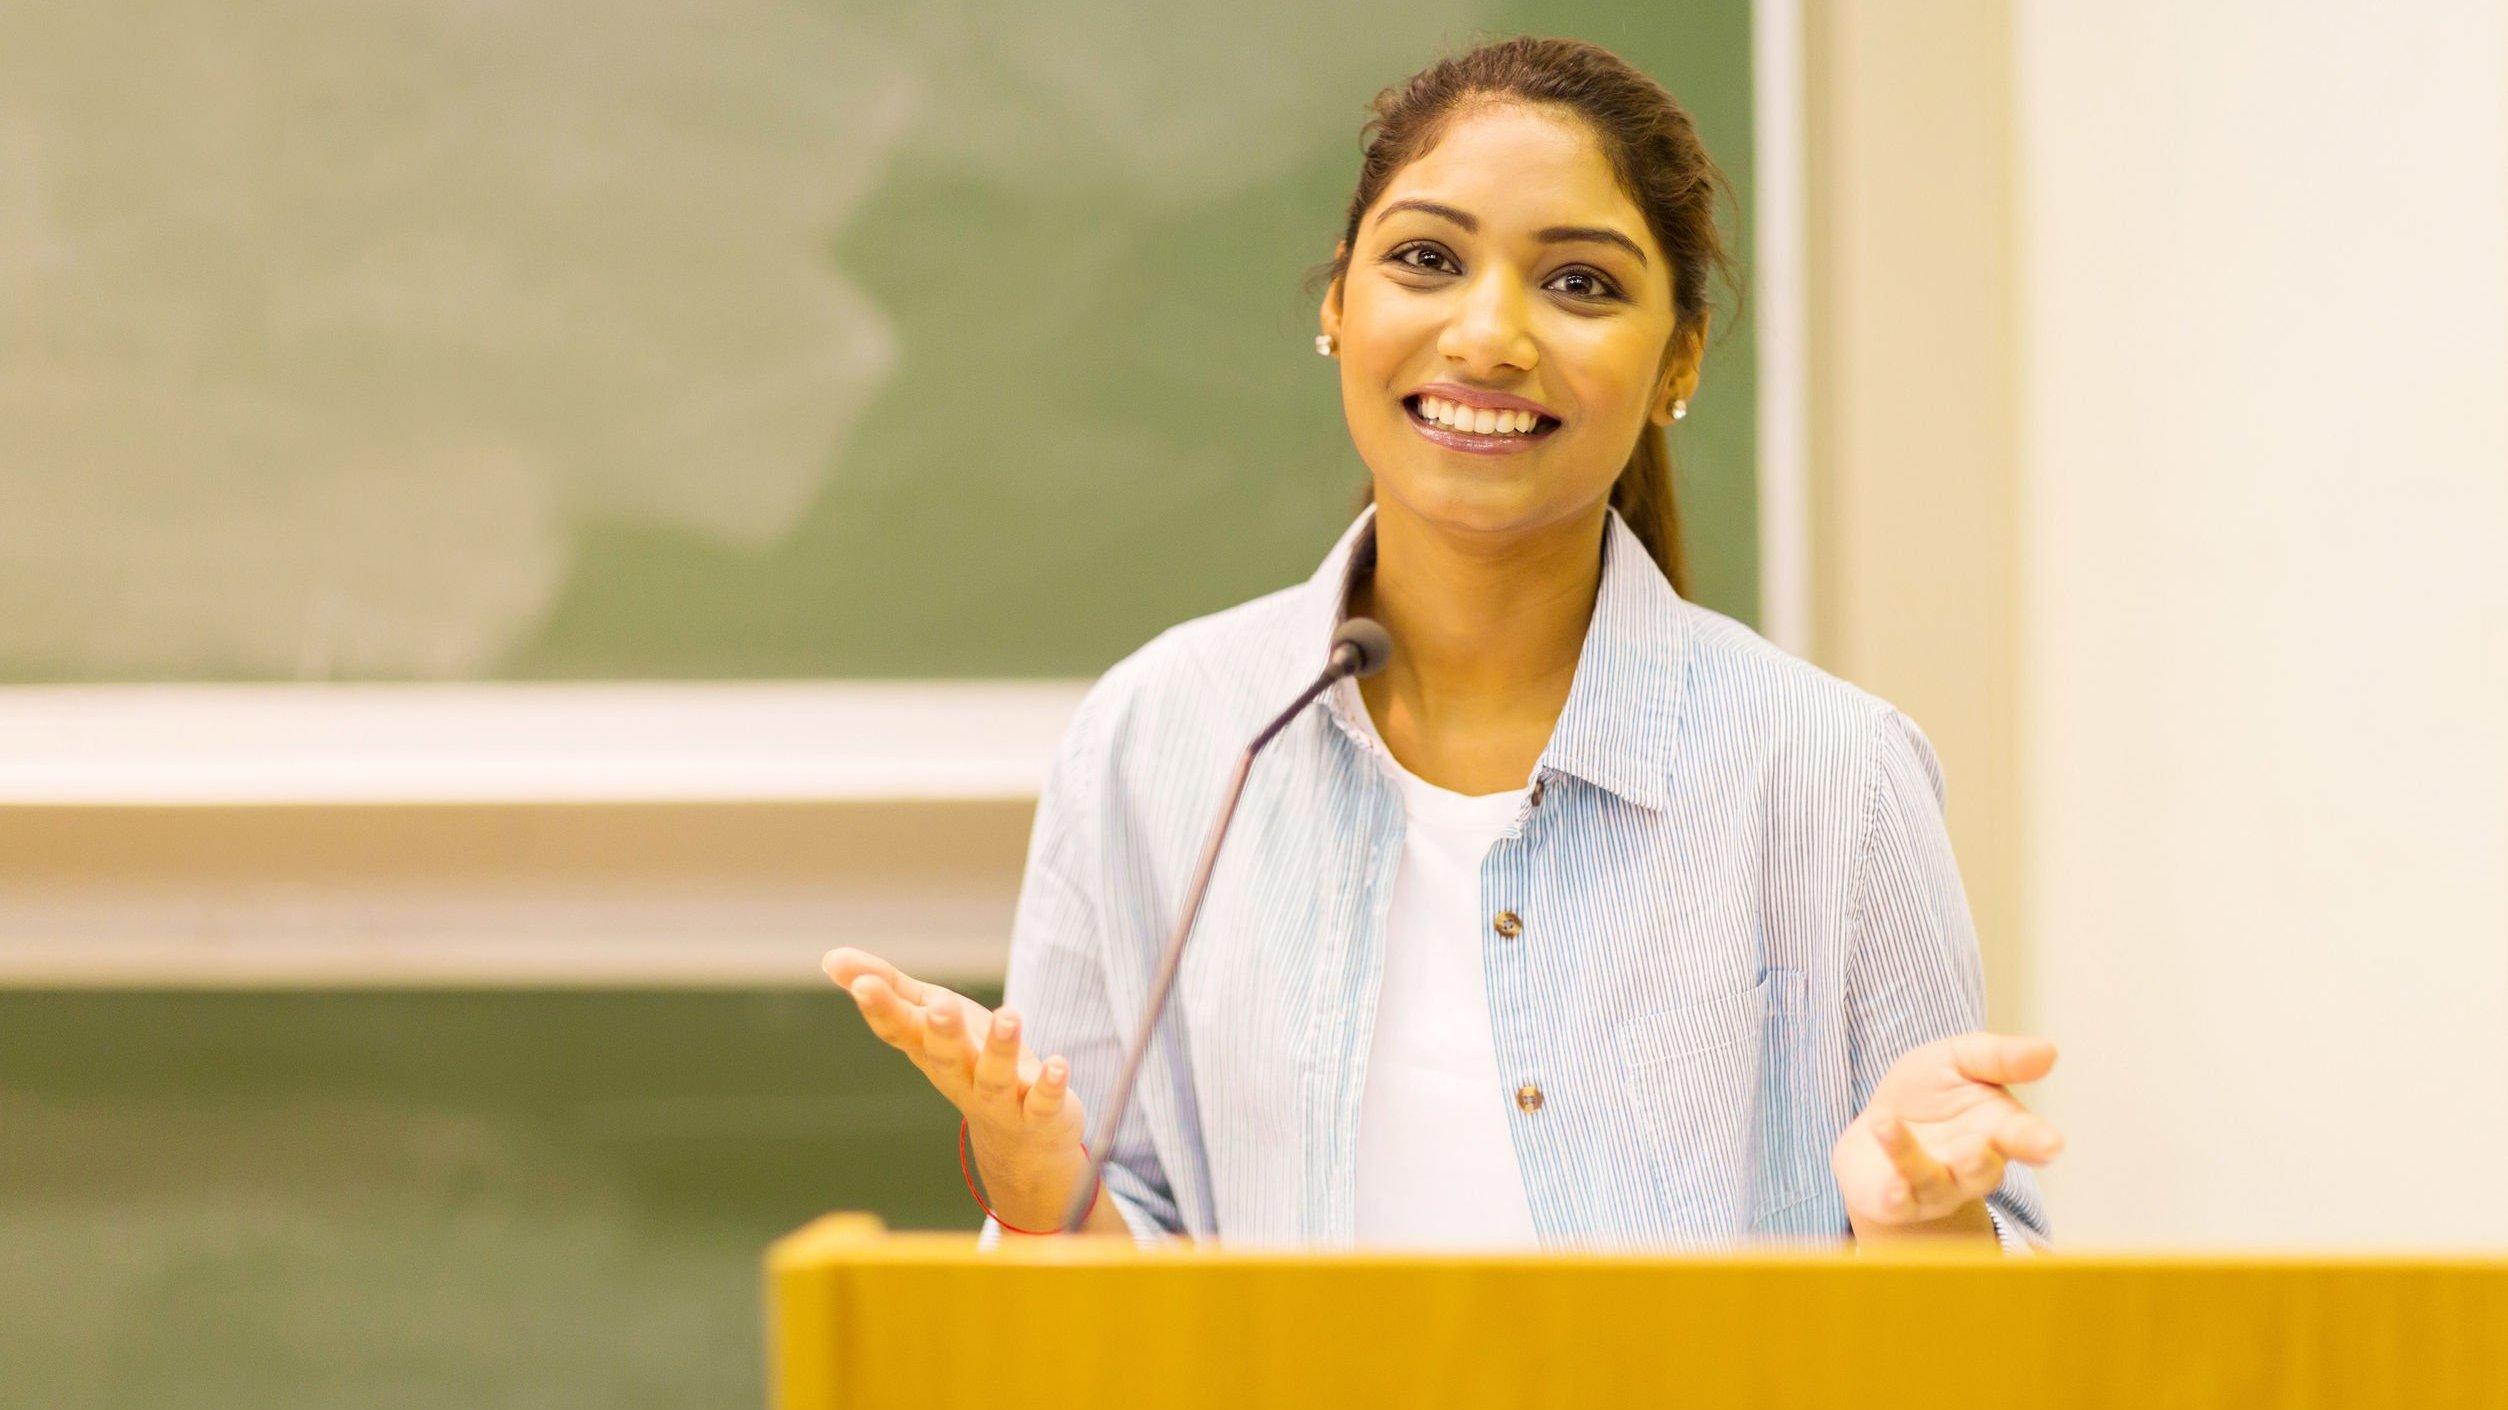 Mulher estudante discursando em sala de aula.